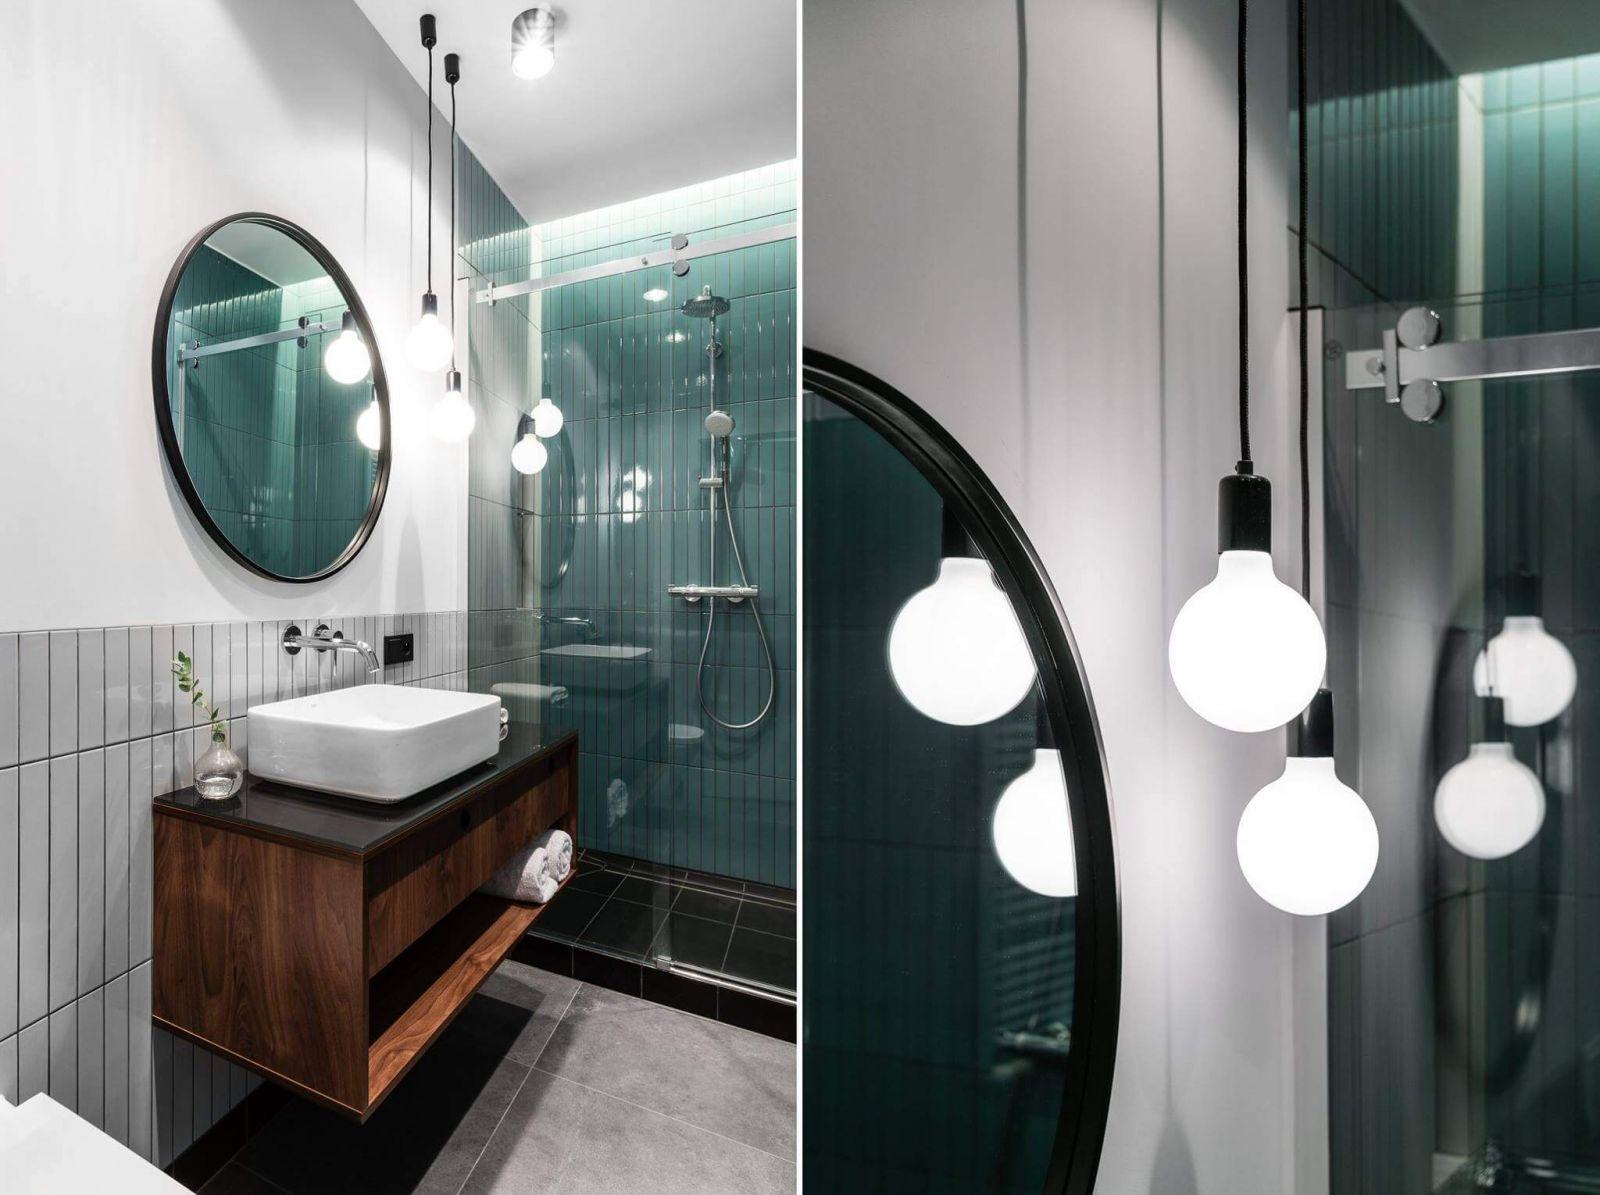 Интерьер санузла продолжает стилистику гостиной и спальне, как в выборе цветовой гаммы, так и в выборе отделочных материалов